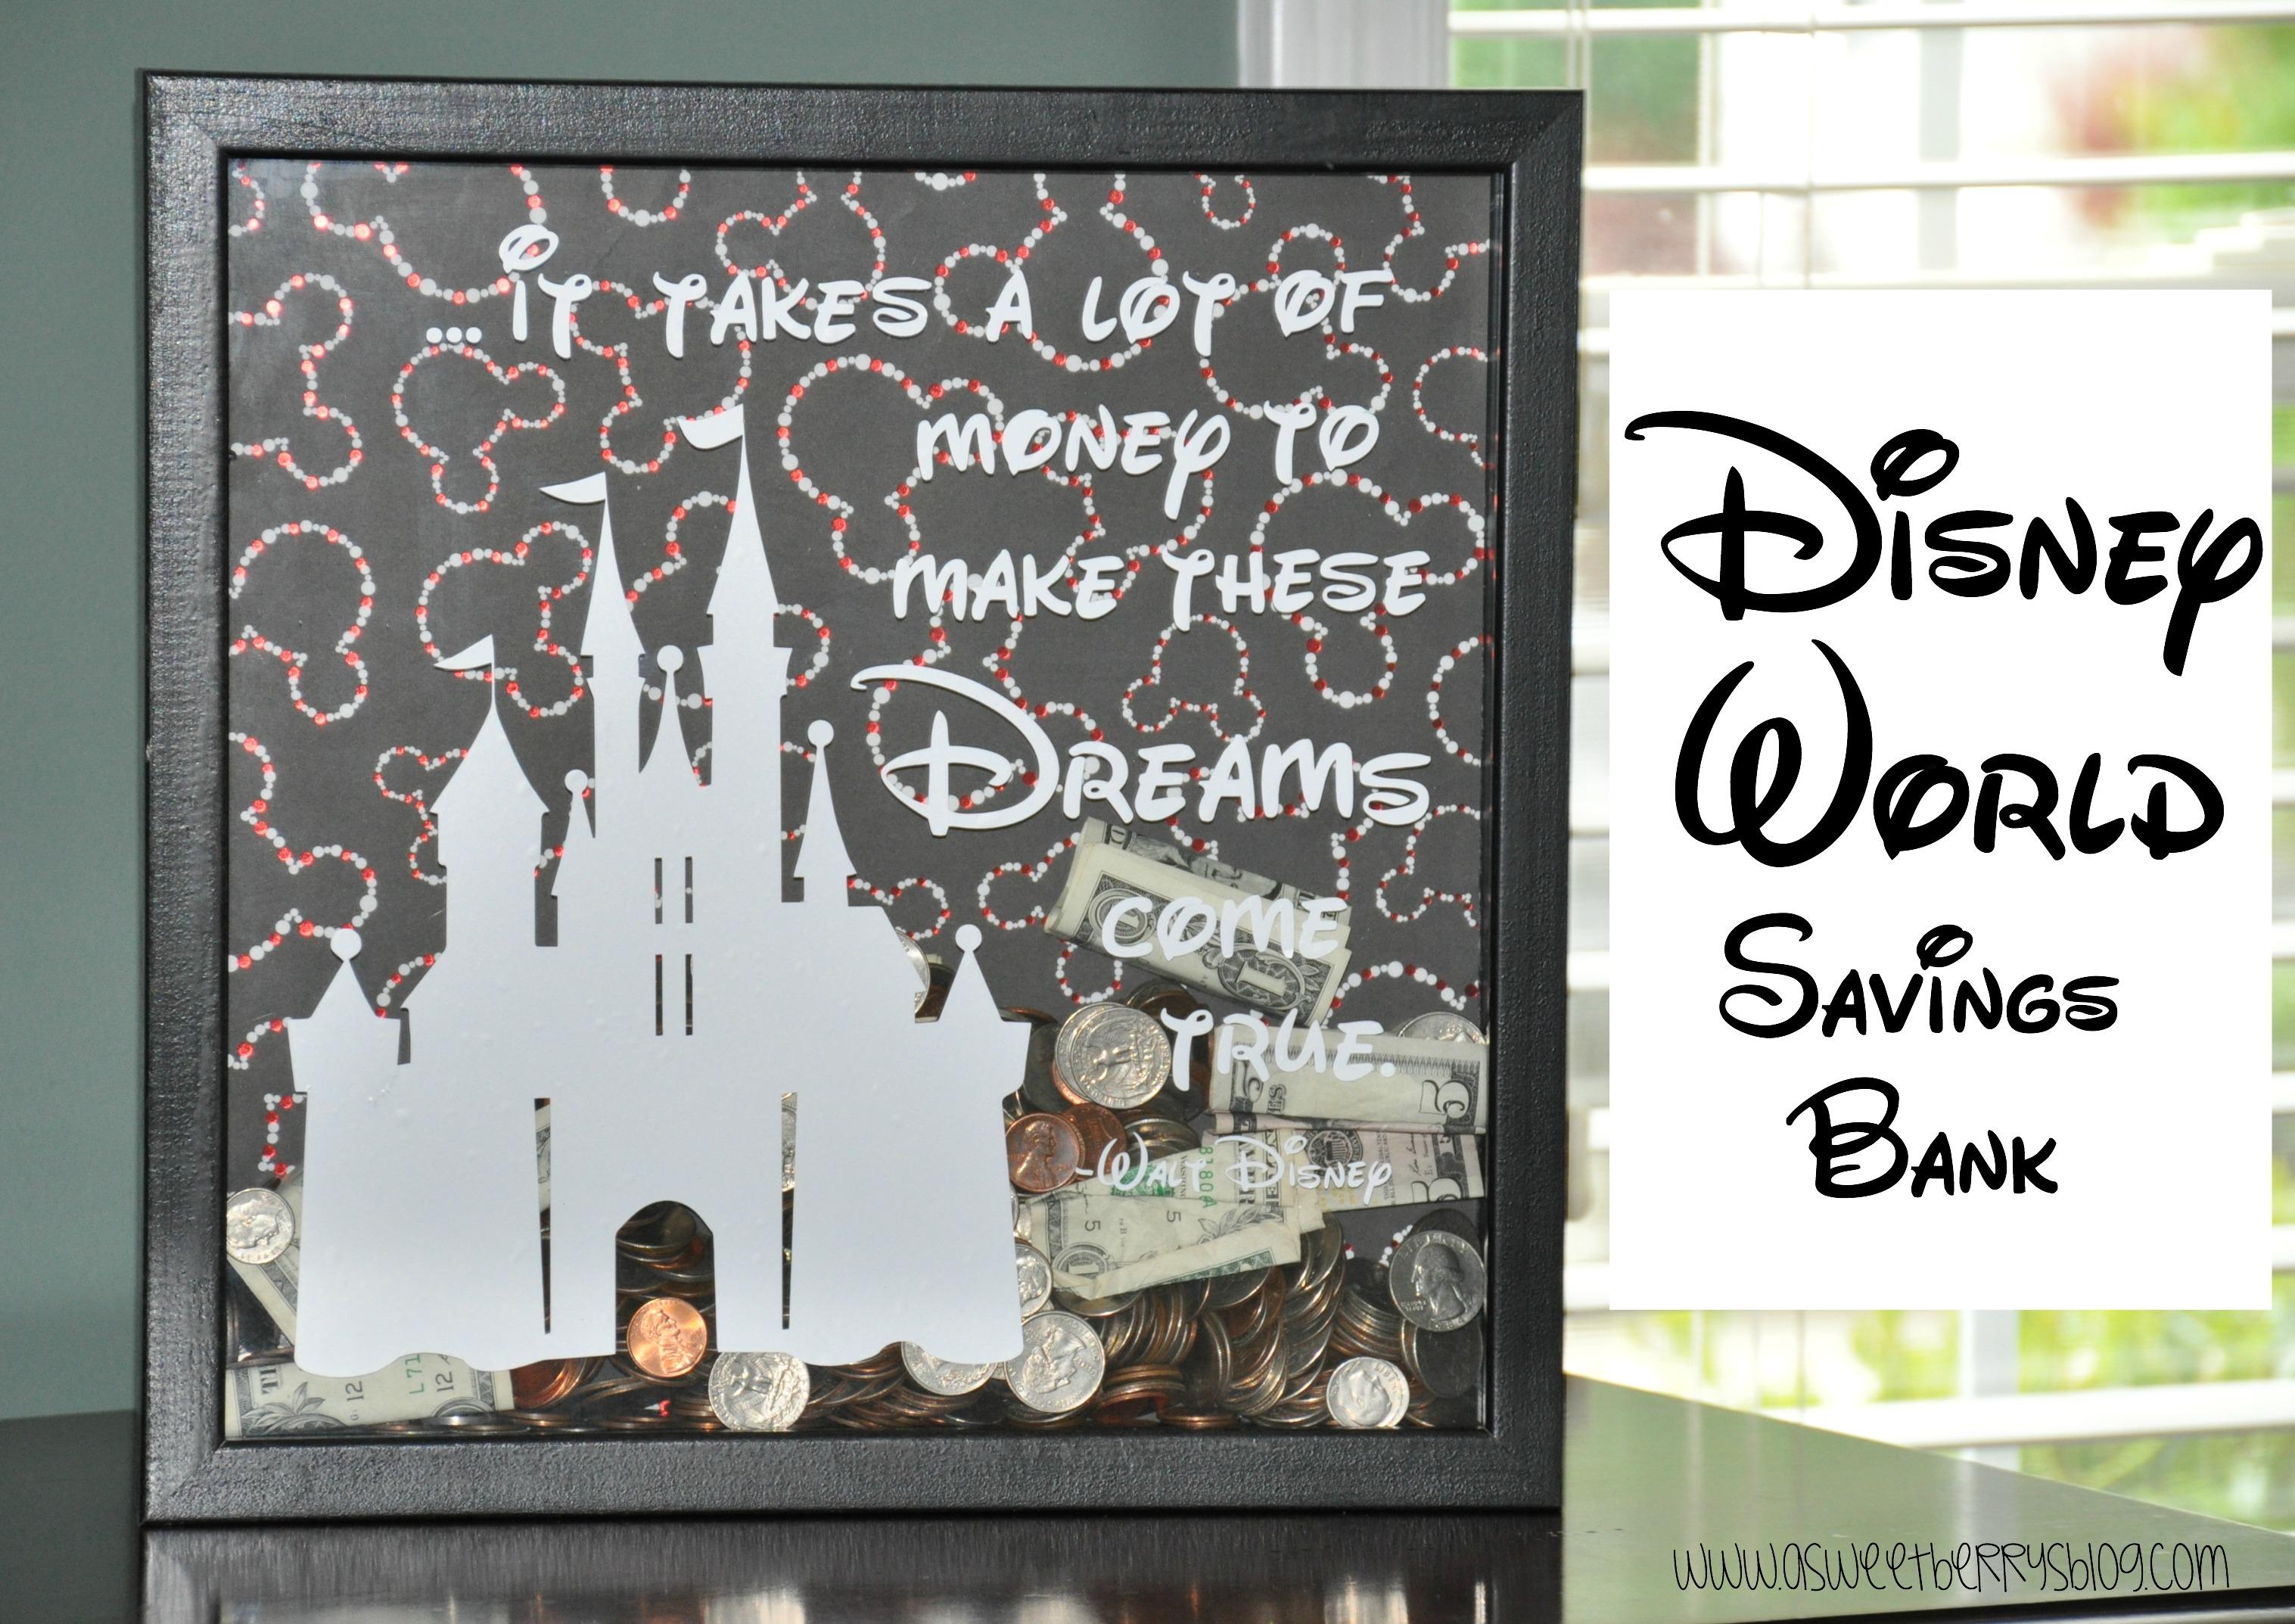 Disney Bank Final